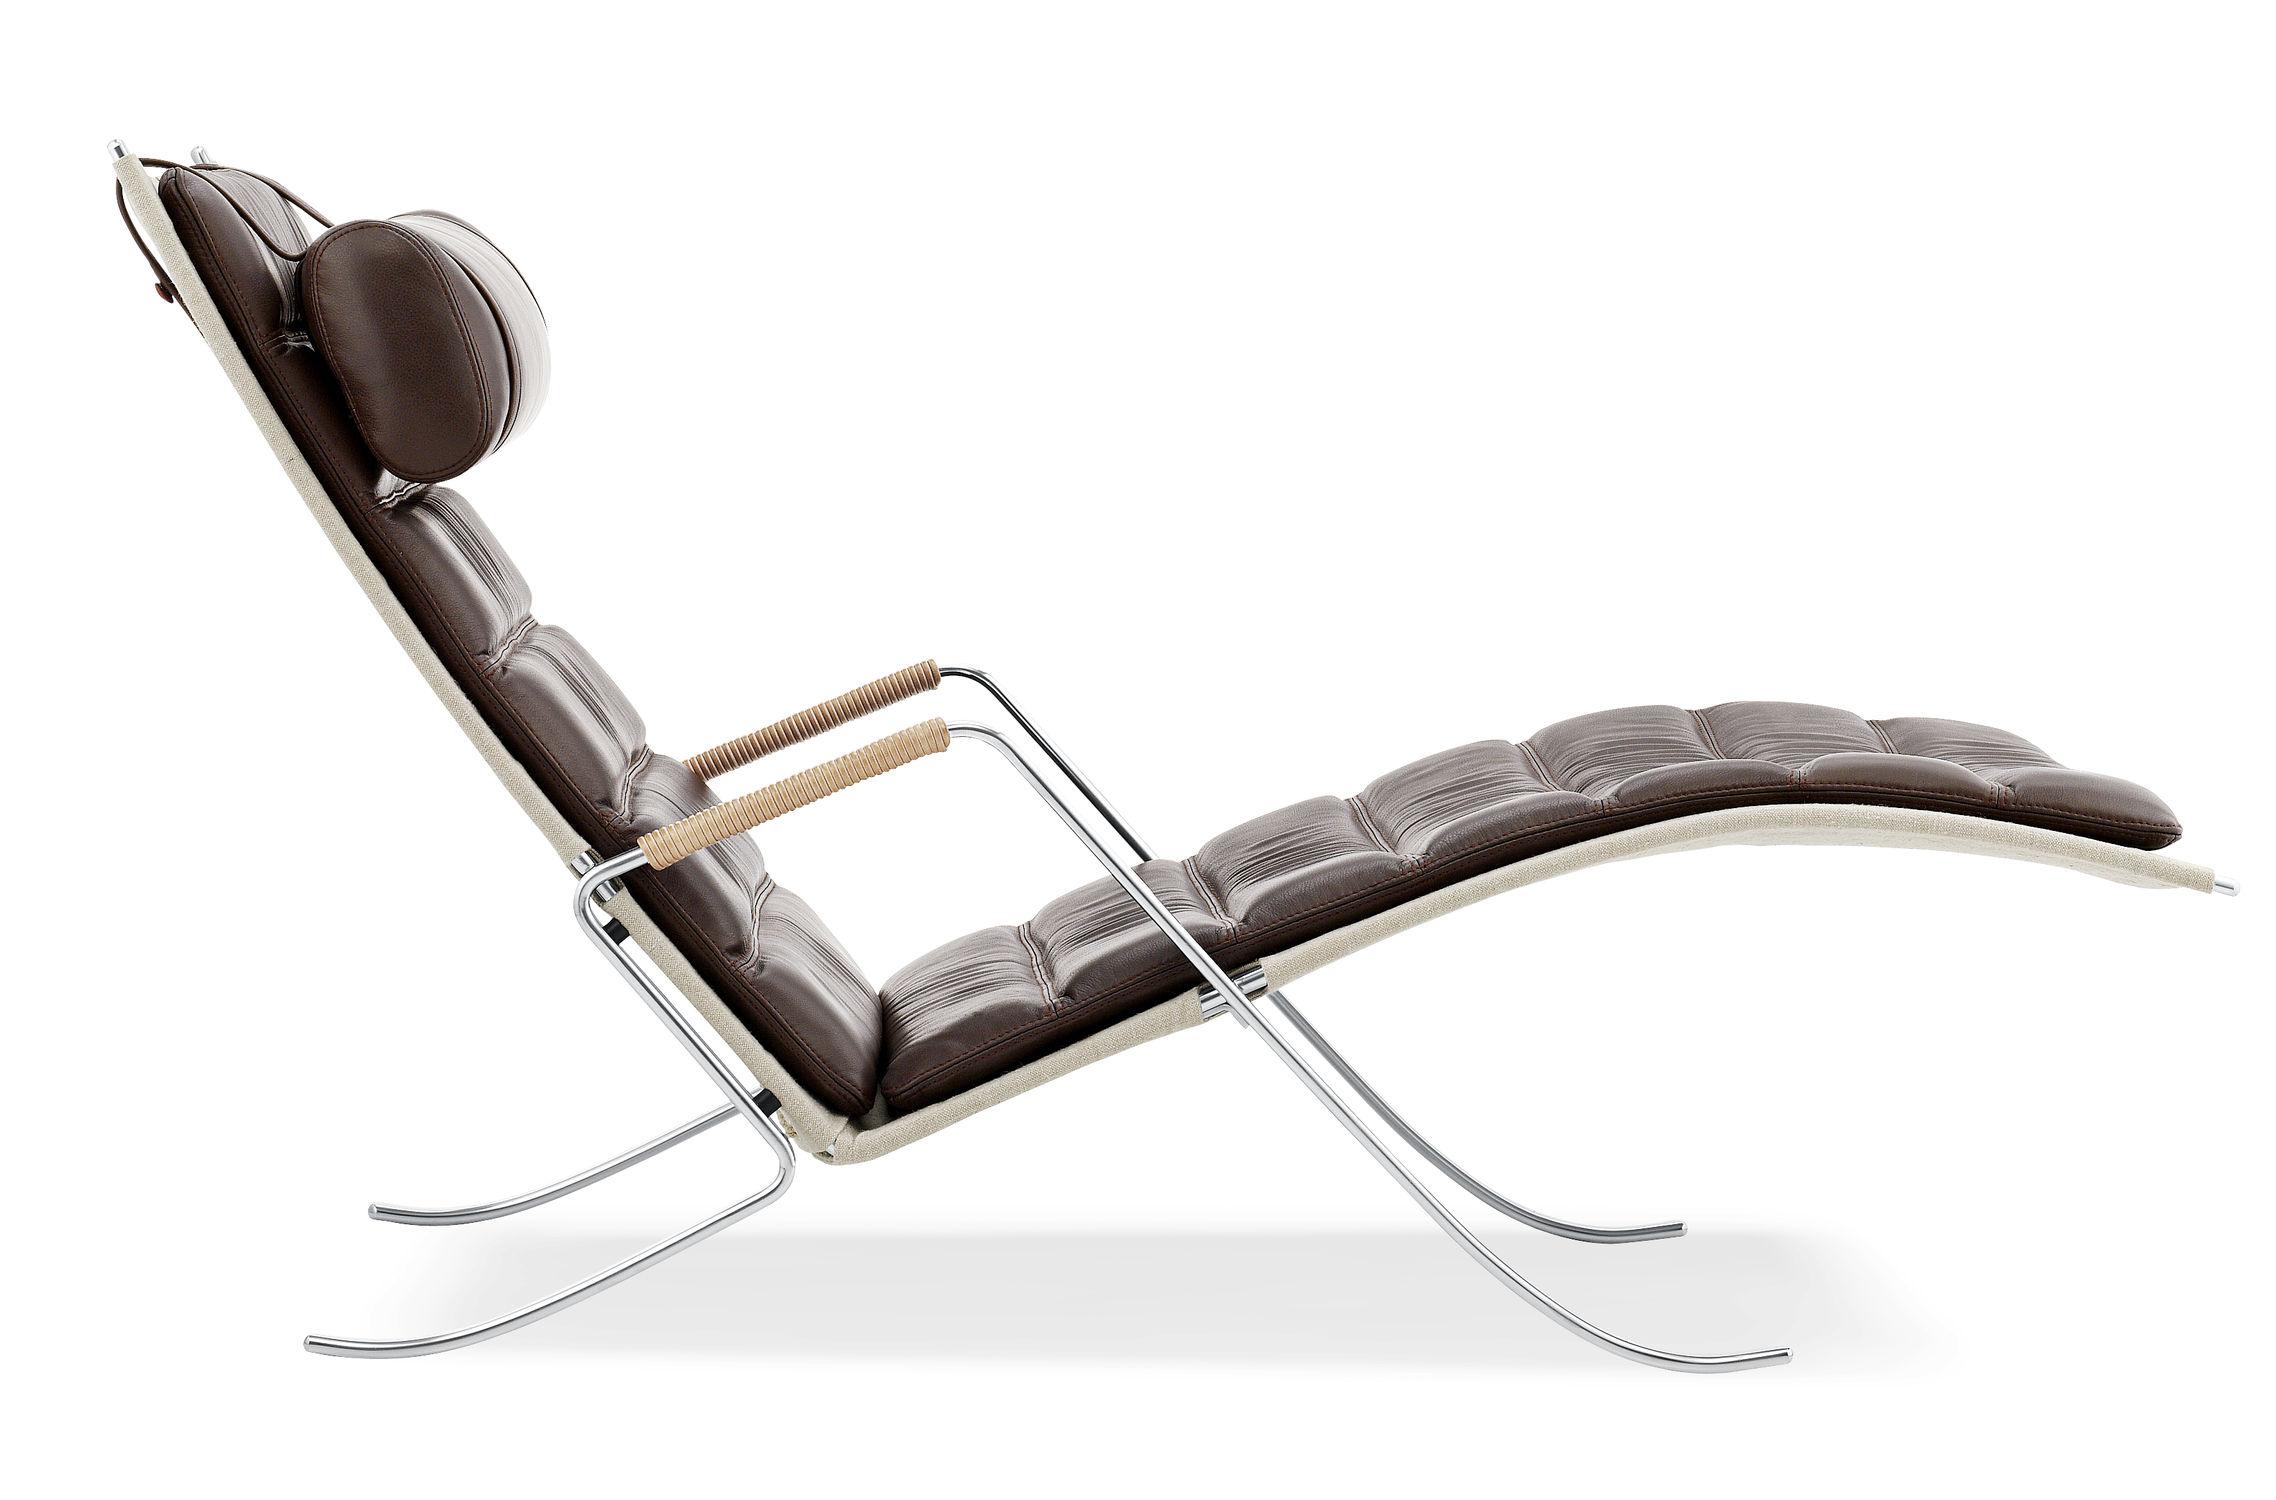 Chaise longue contemporaine / en cuir - FK 87 GRHOPPER by P ... on chaise en transparent, chaise en bois, chaise longue, chaise lounge,